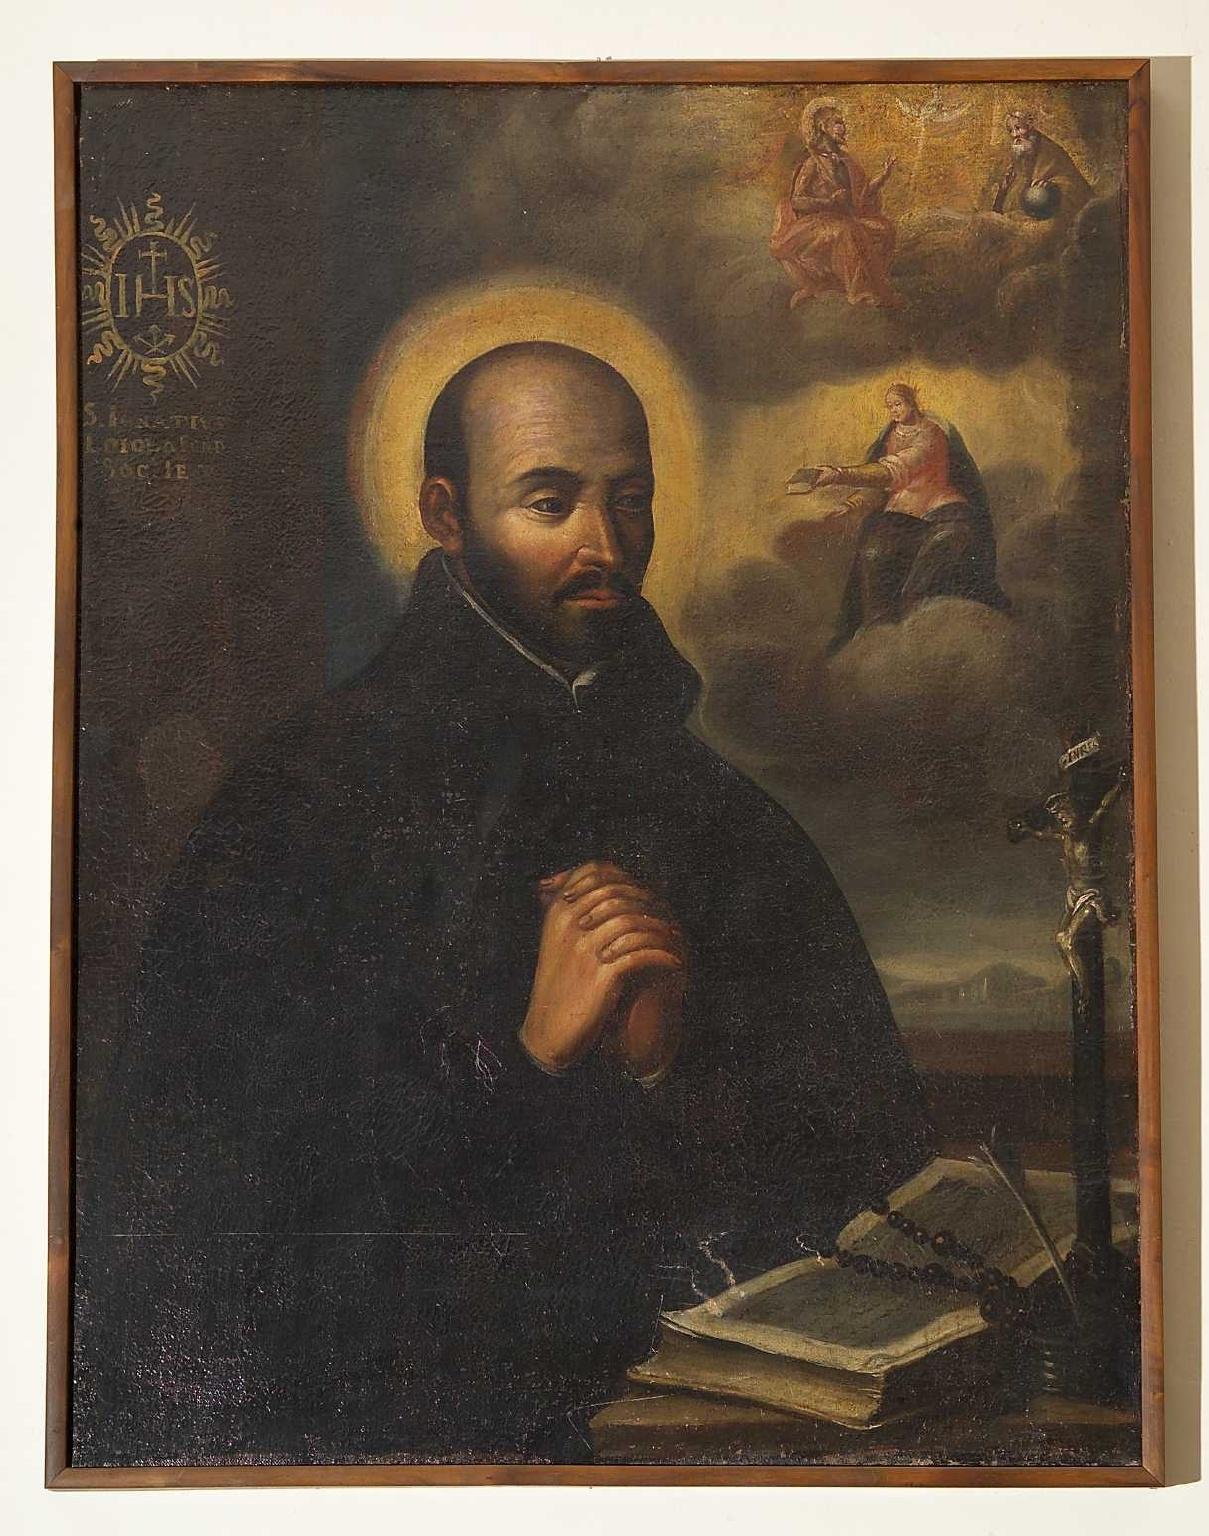 Risultati immagini per sant'Ignazio loyola